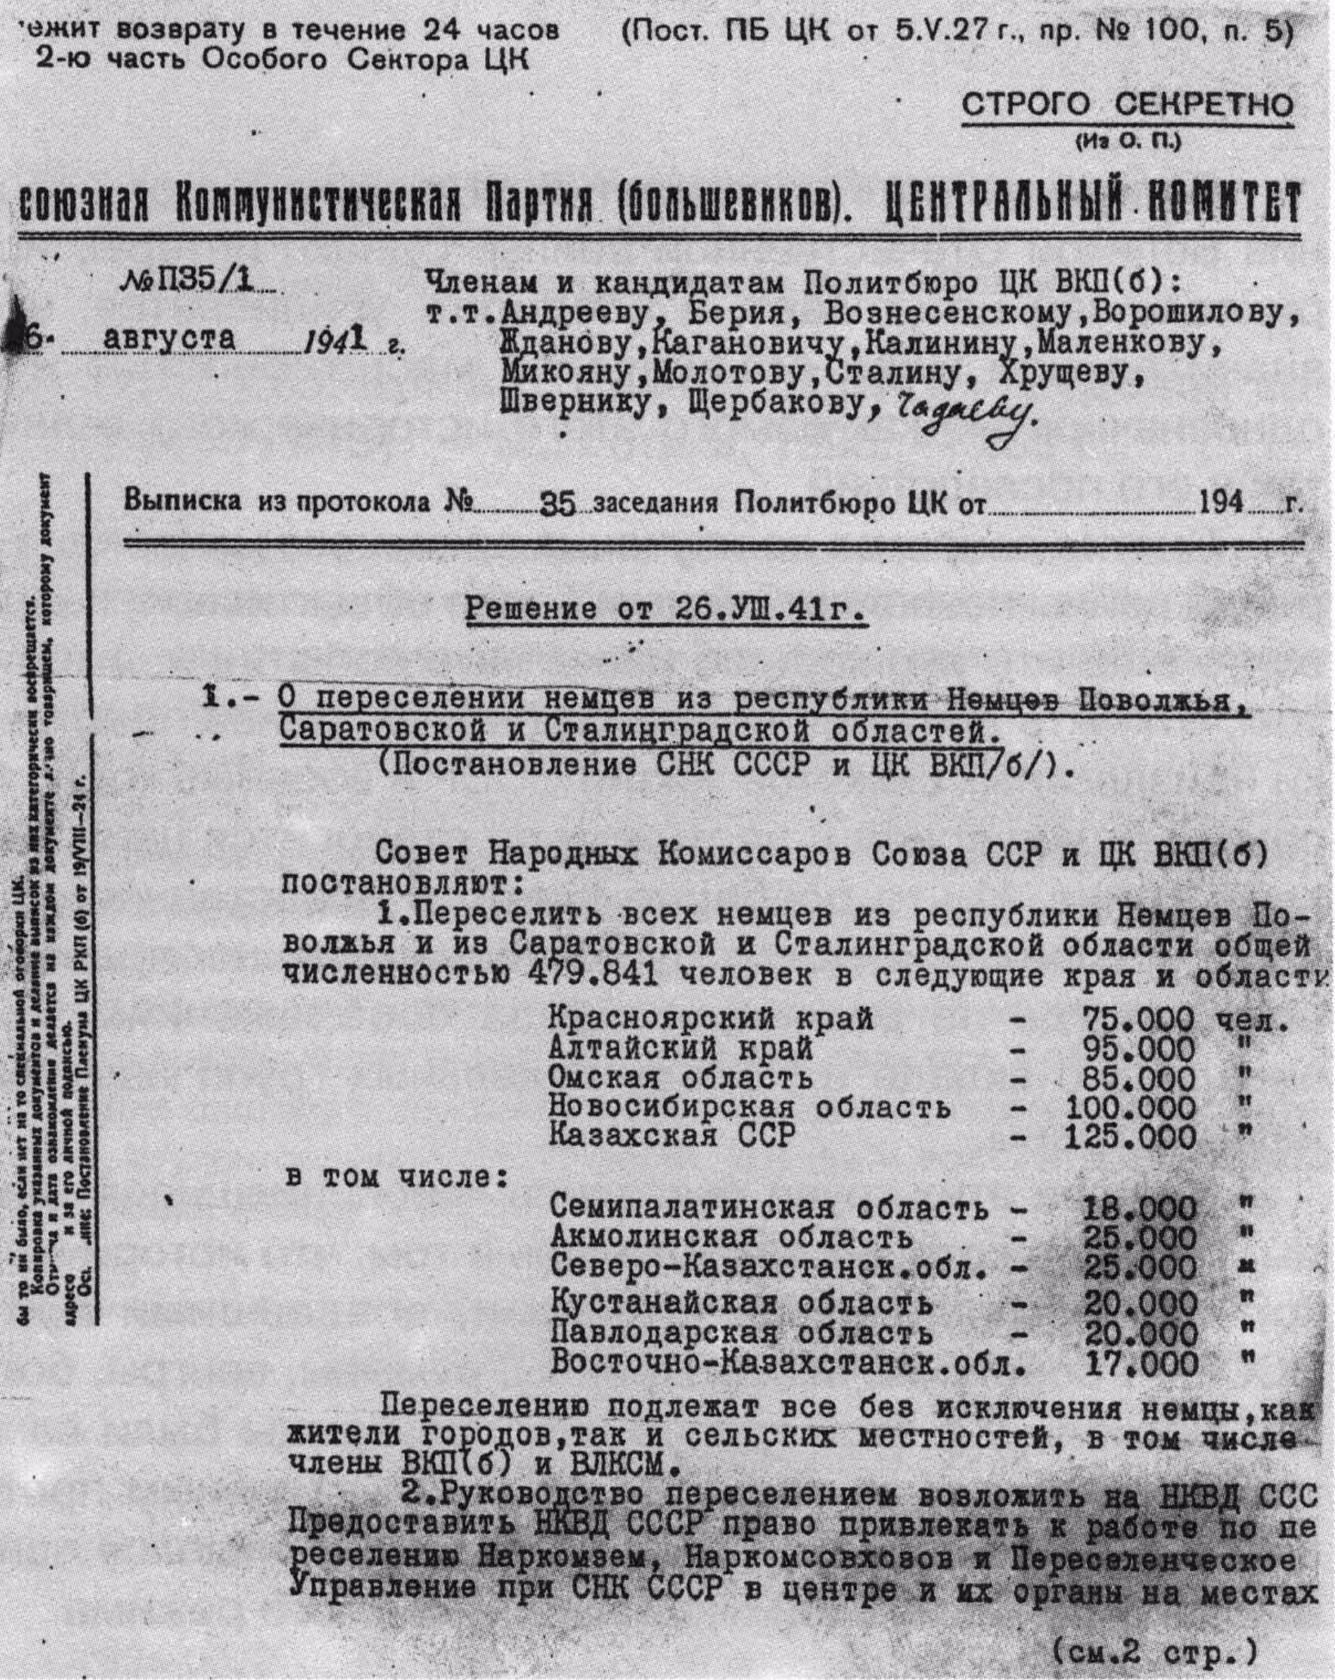 посемейные списки немцев поволжья